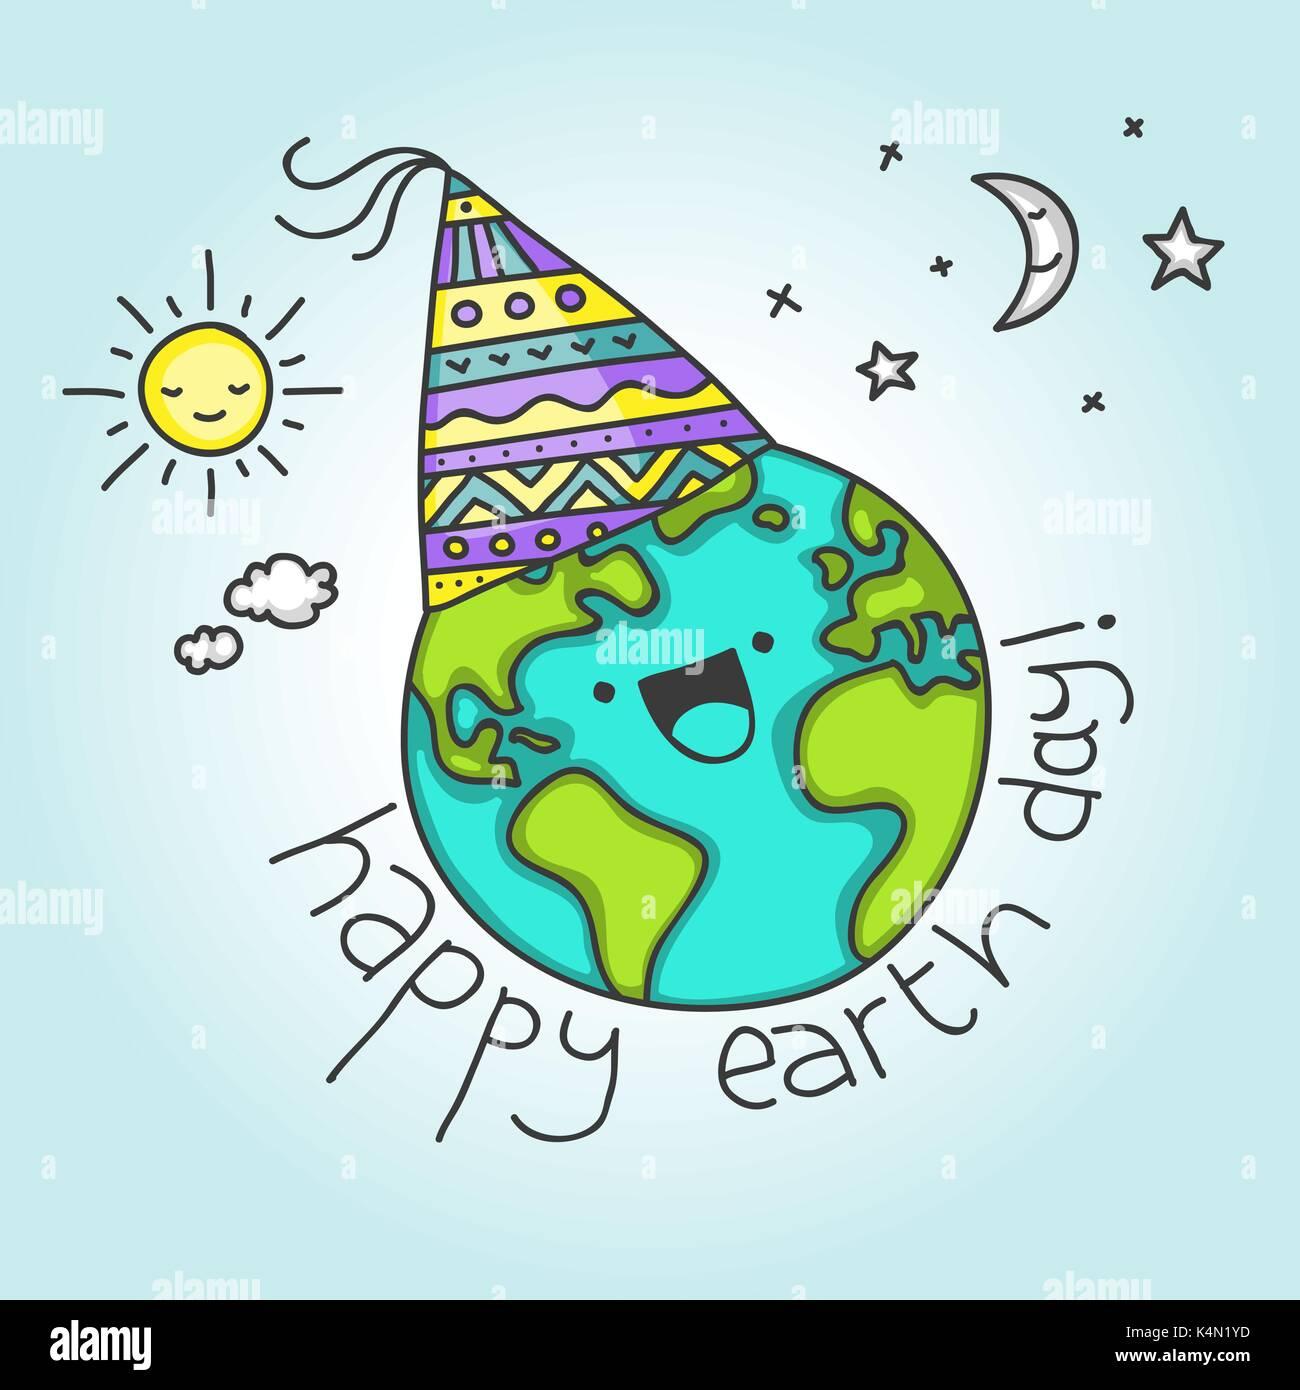 Scheda carino per aprile 22 con il cartoon terra dicendo felice Giornata della Terra Immagini Stock